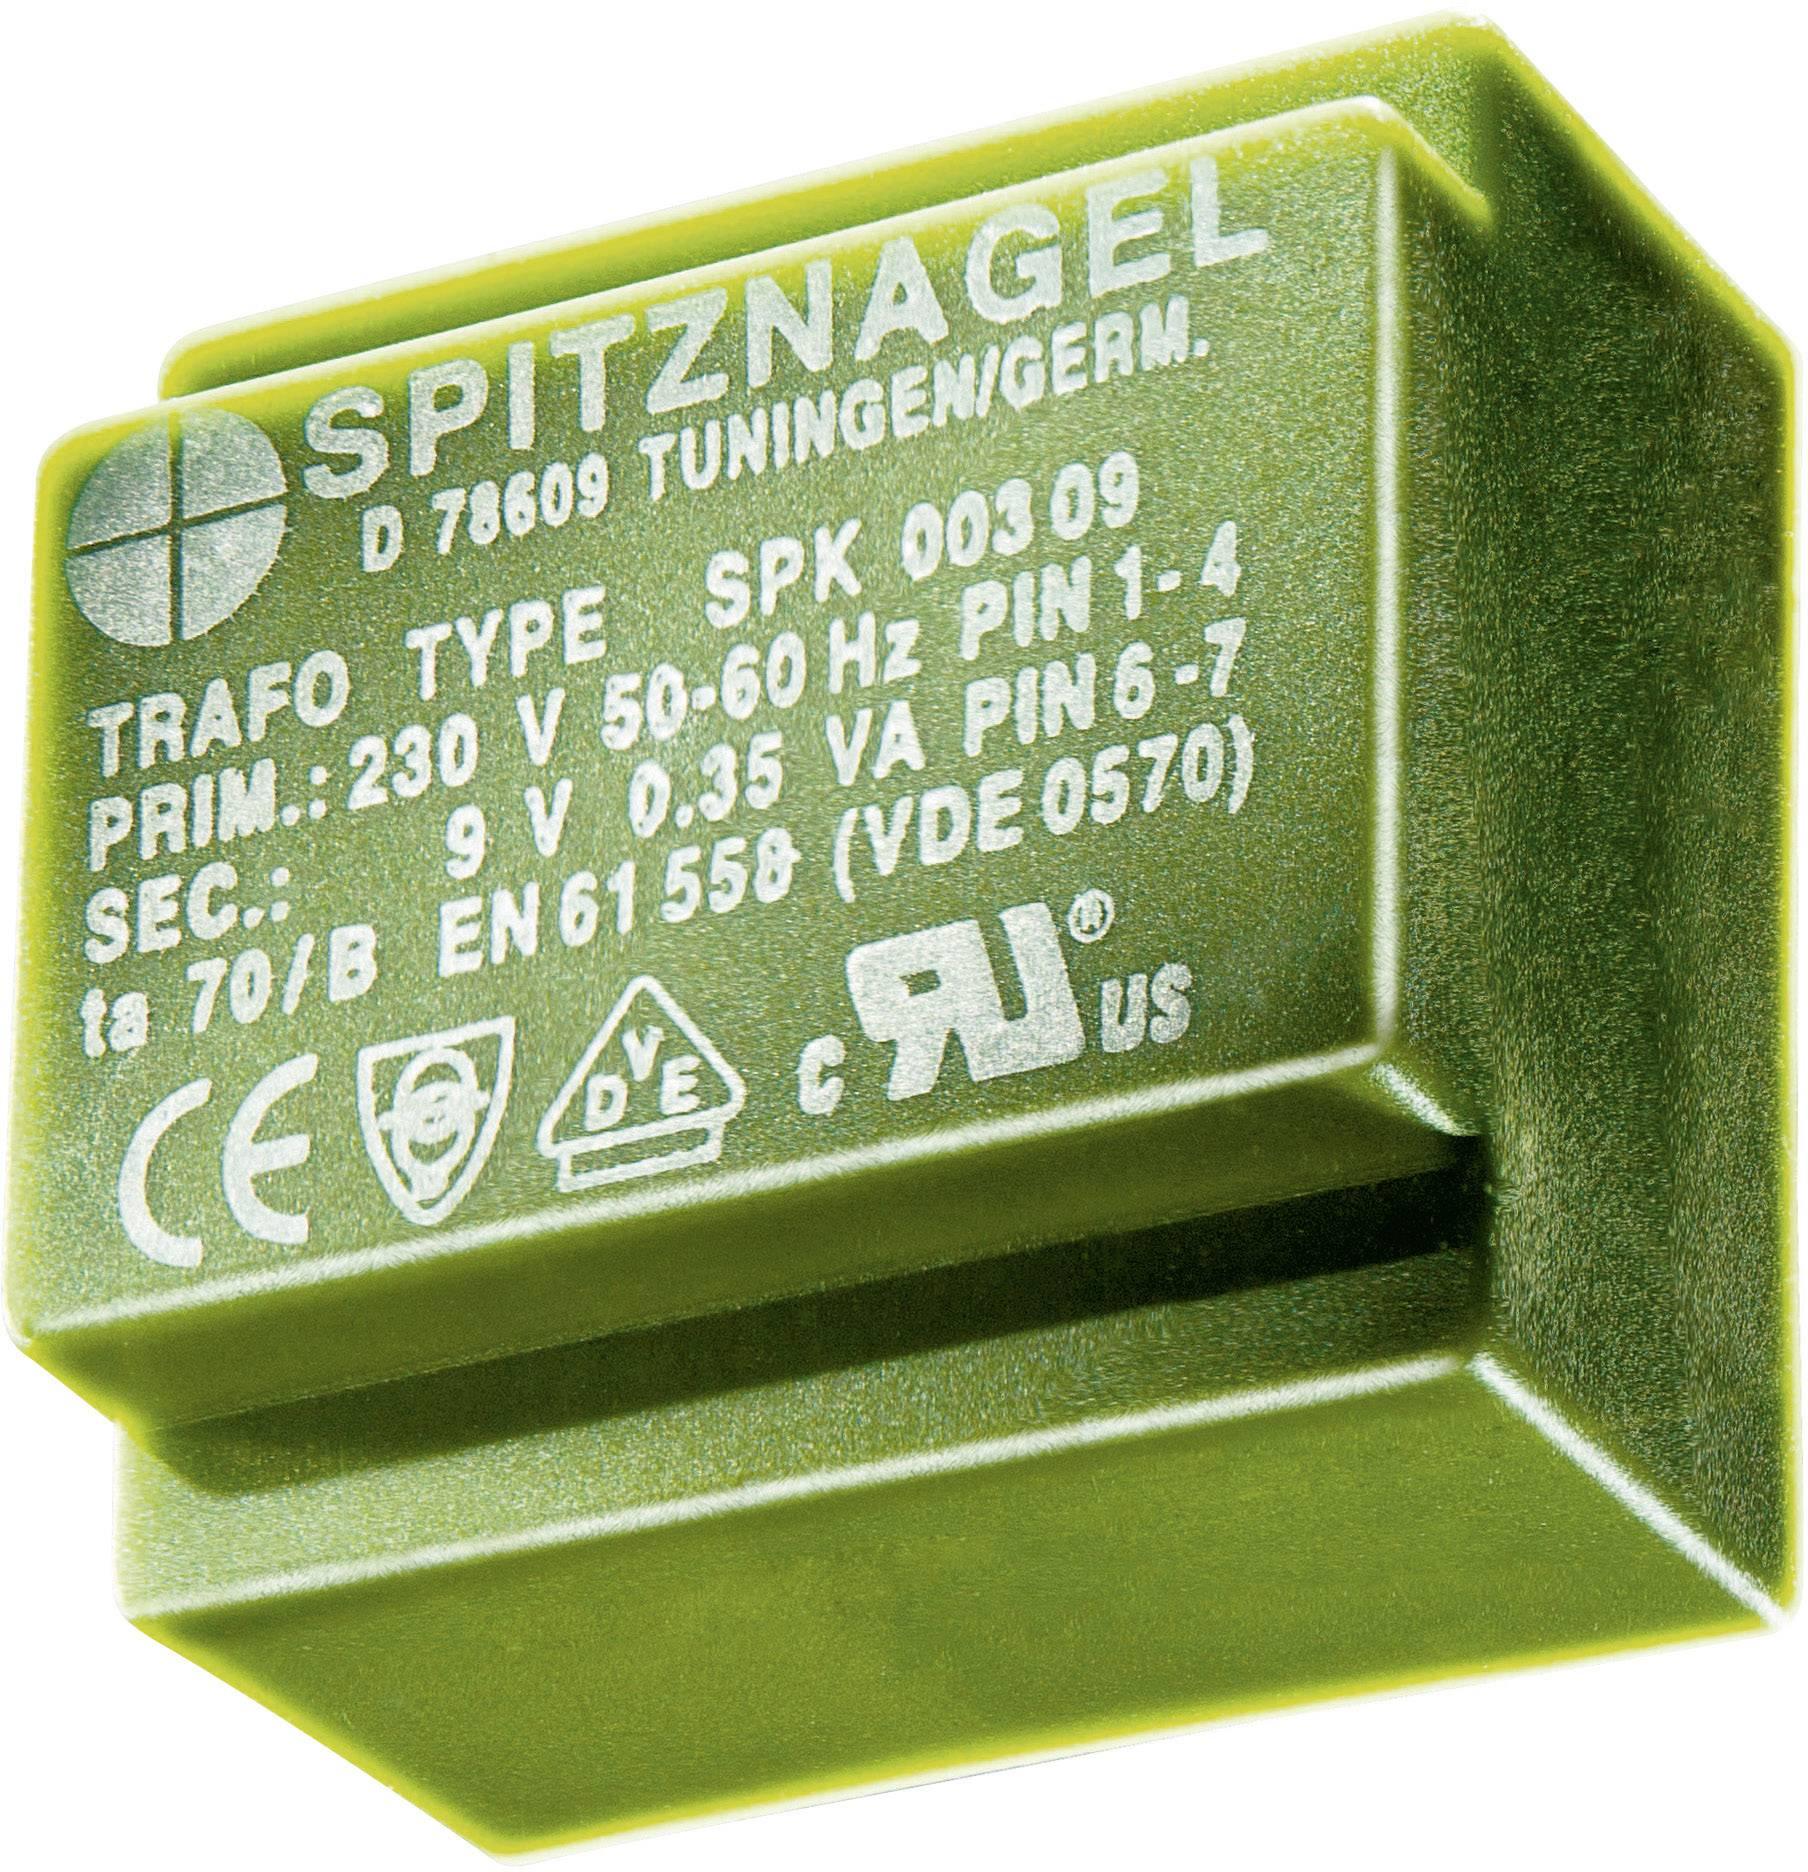 Transformátor do DPS Spitznagel El 30/5, 230 V / 2x 15 V, 2x 15 mA, 0,45 VA